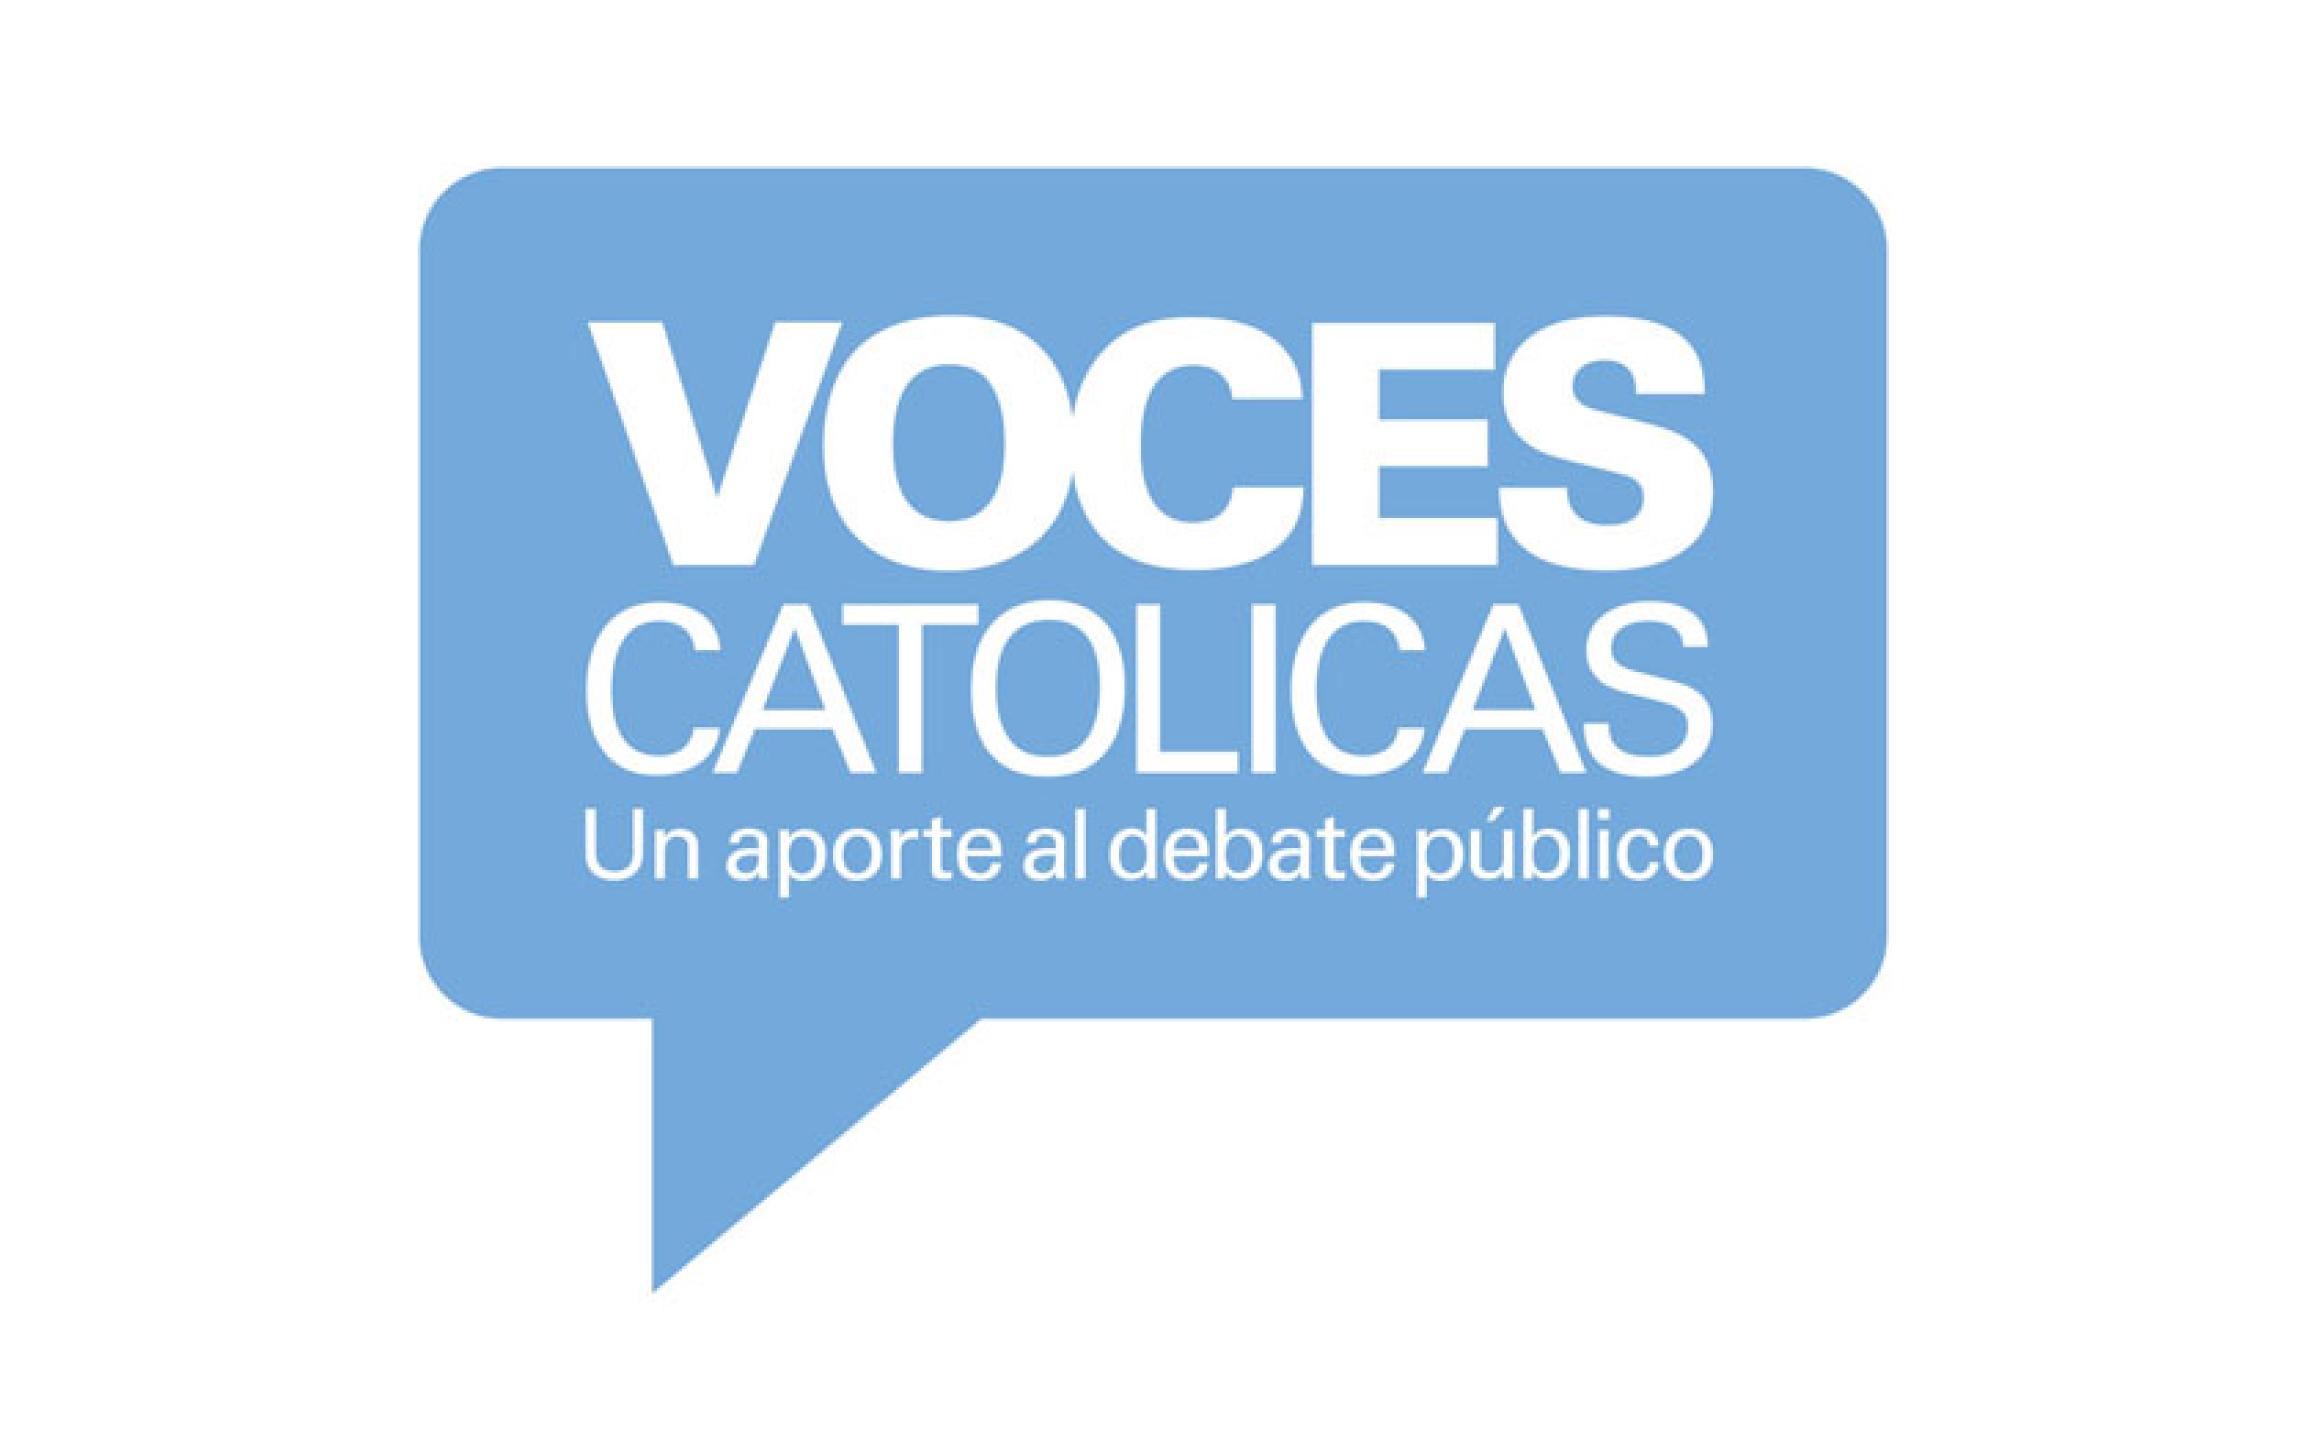 Voces Católicas Argentina - imagen destacada